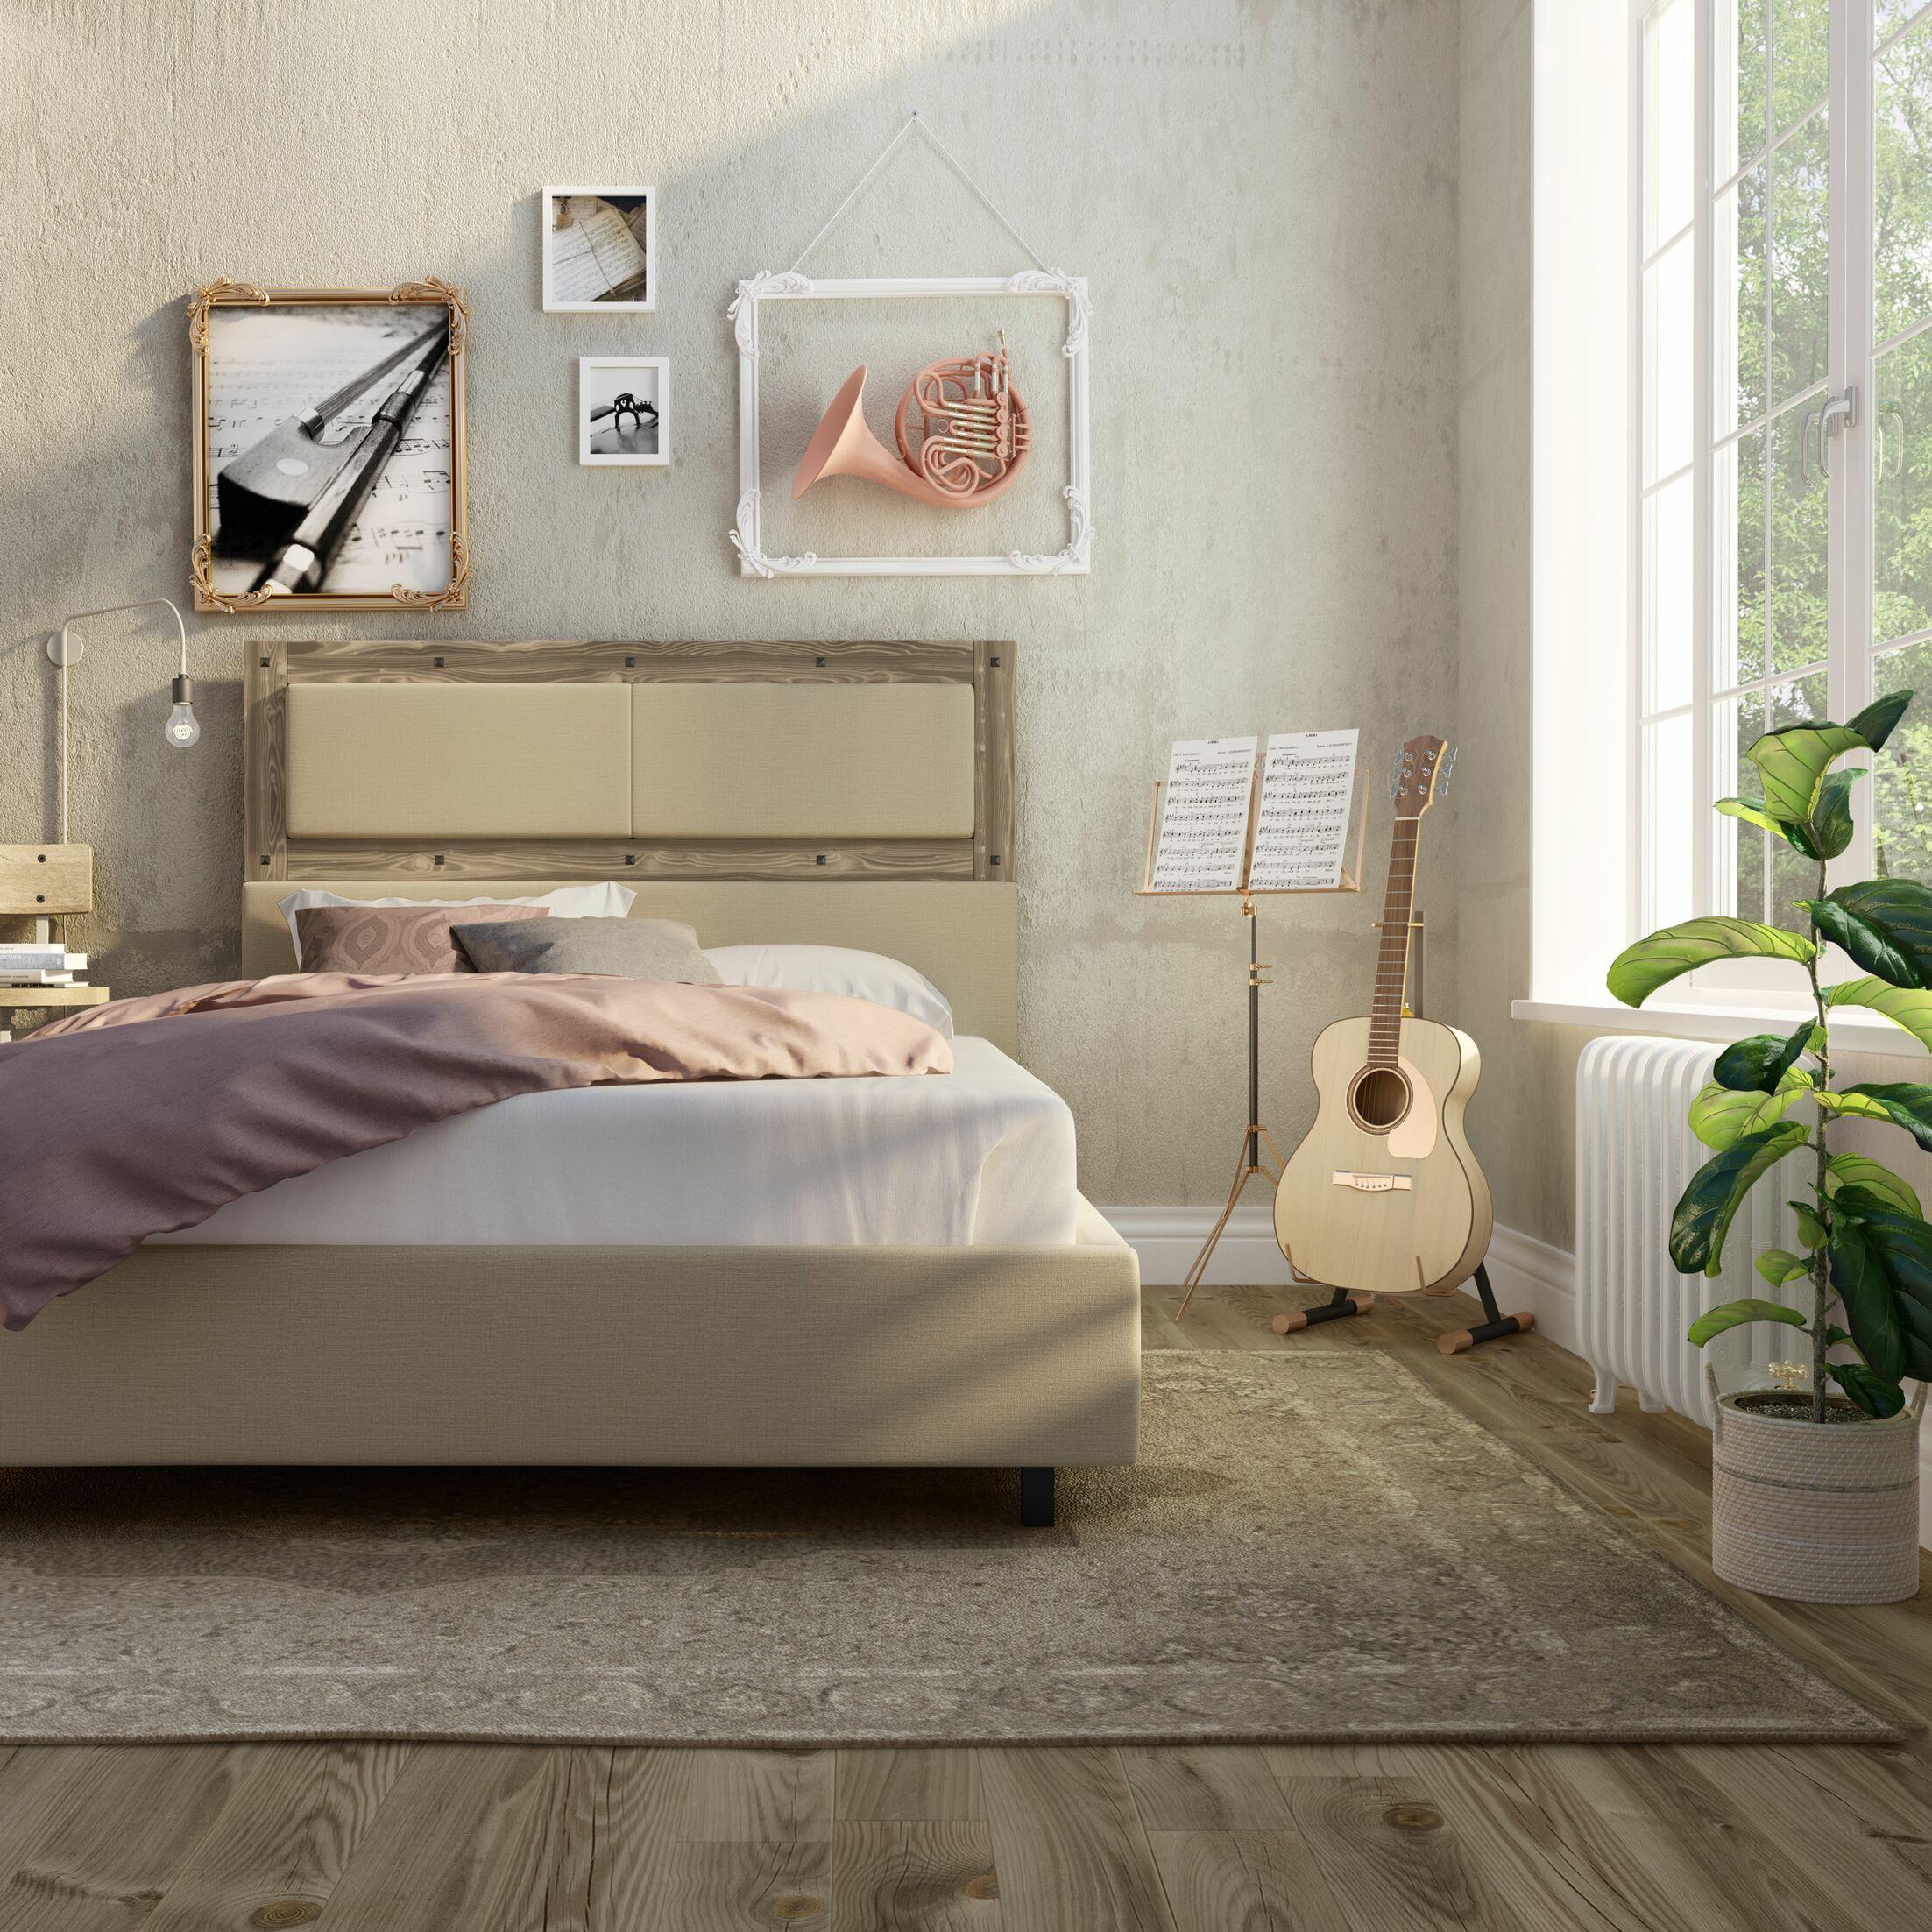 Ternes Upholstered Platform Bed Headboard Color: Beige Fabric, Frame Color: Beige Wood, Size: Queen